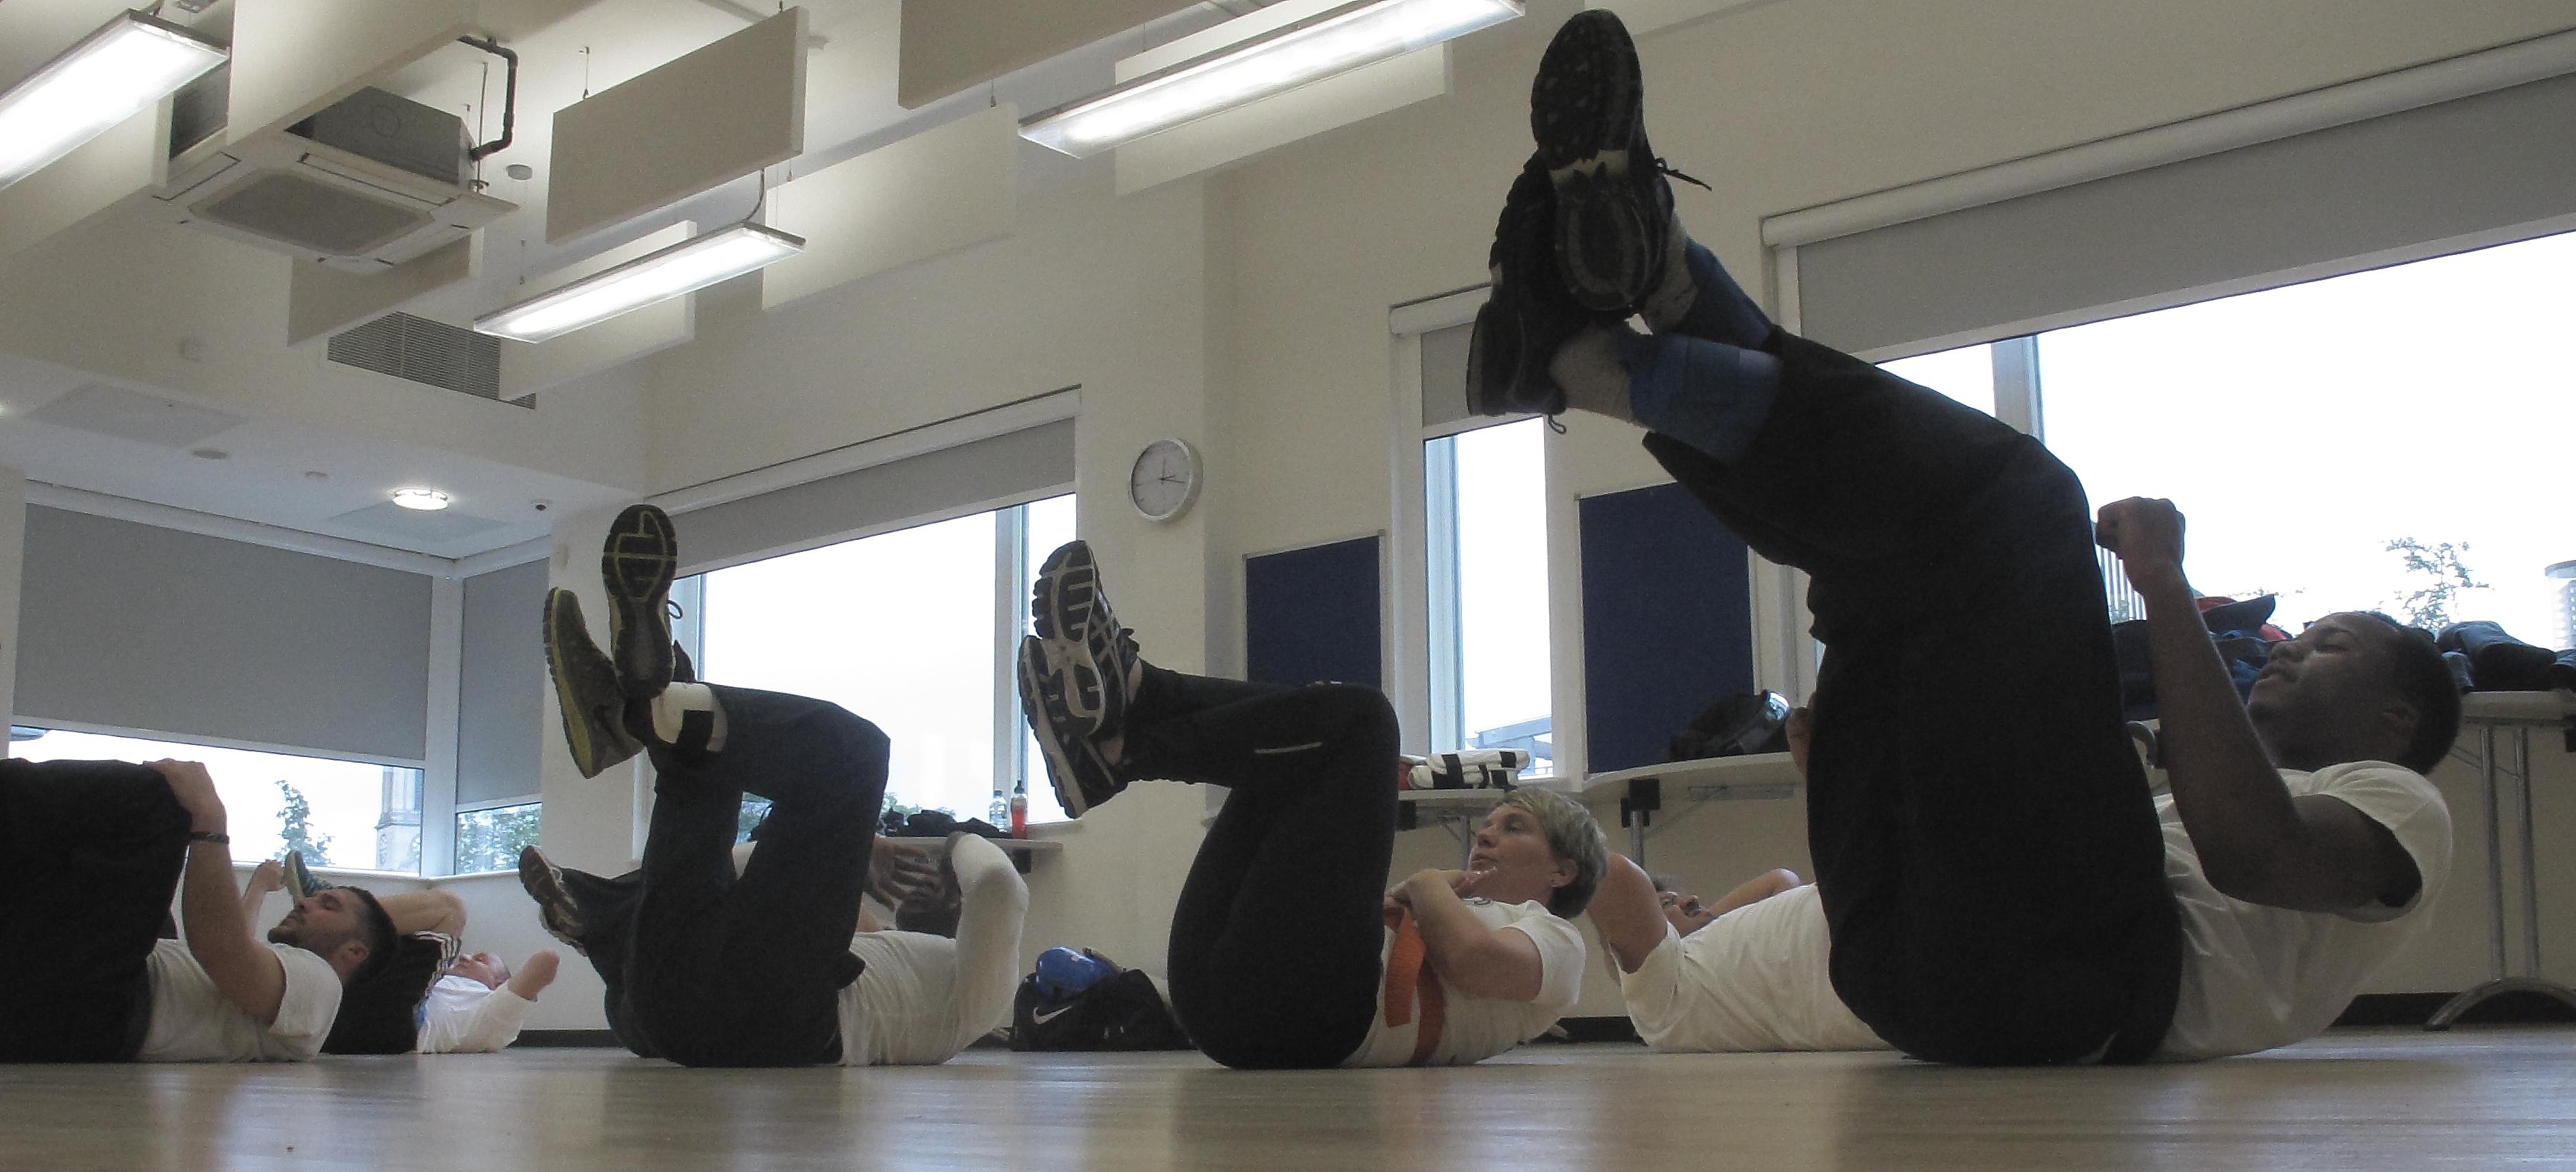 Expert Krav Maga Training classes in London